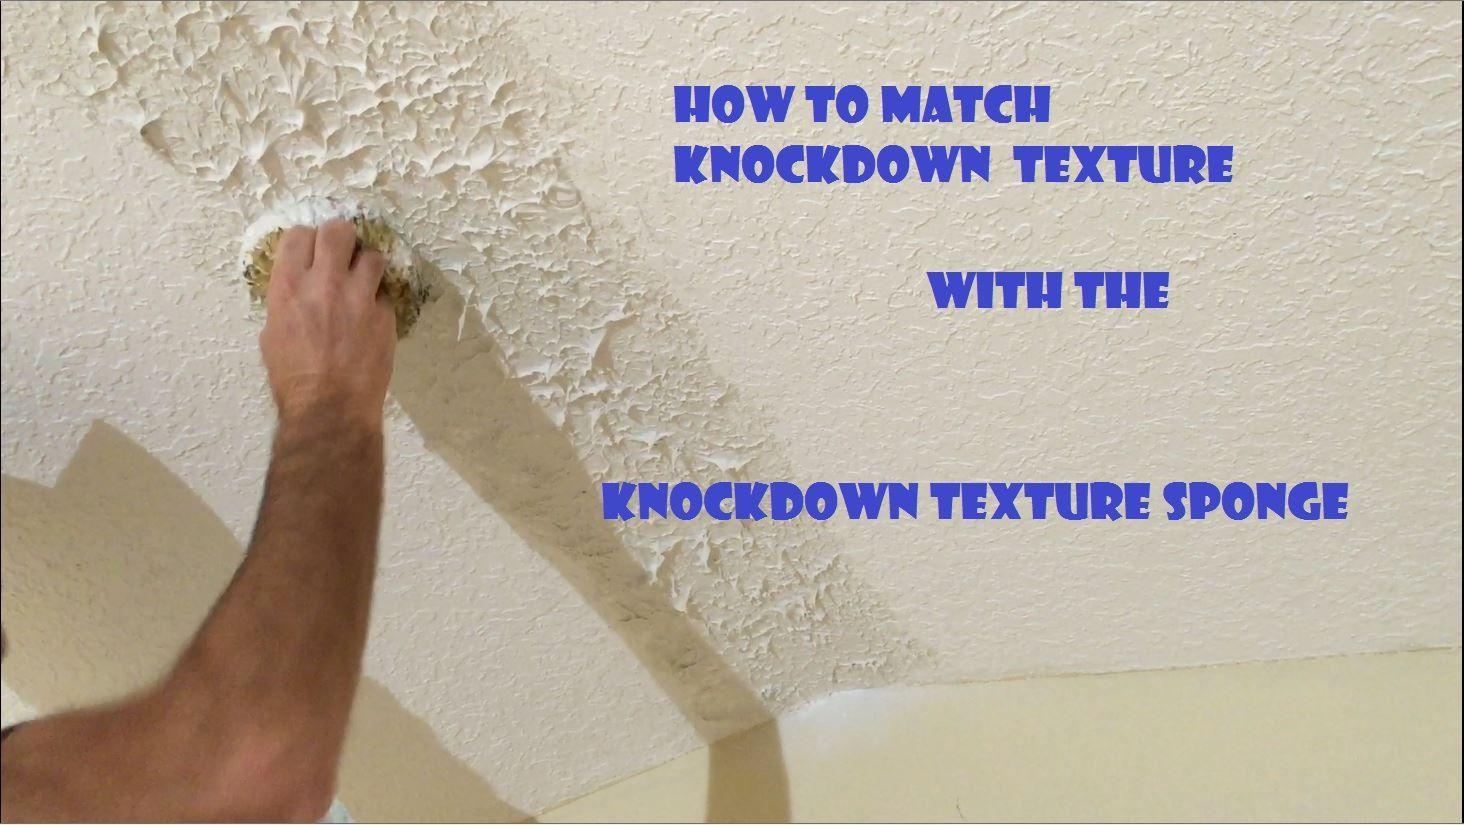 Drywall Repair Tool Knockdown Texture